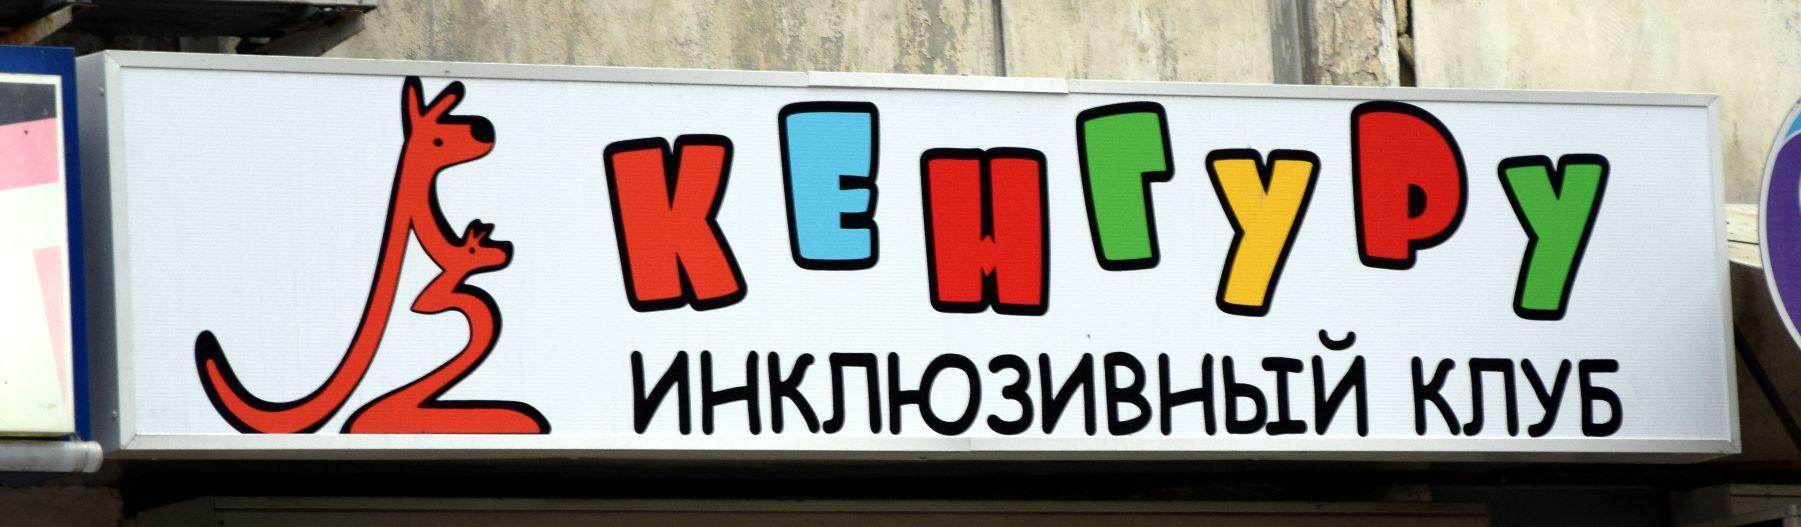 Фотография световой вывески для клуба Кенгуру изготовленной нашей компанией в Ростове-на-Дону.